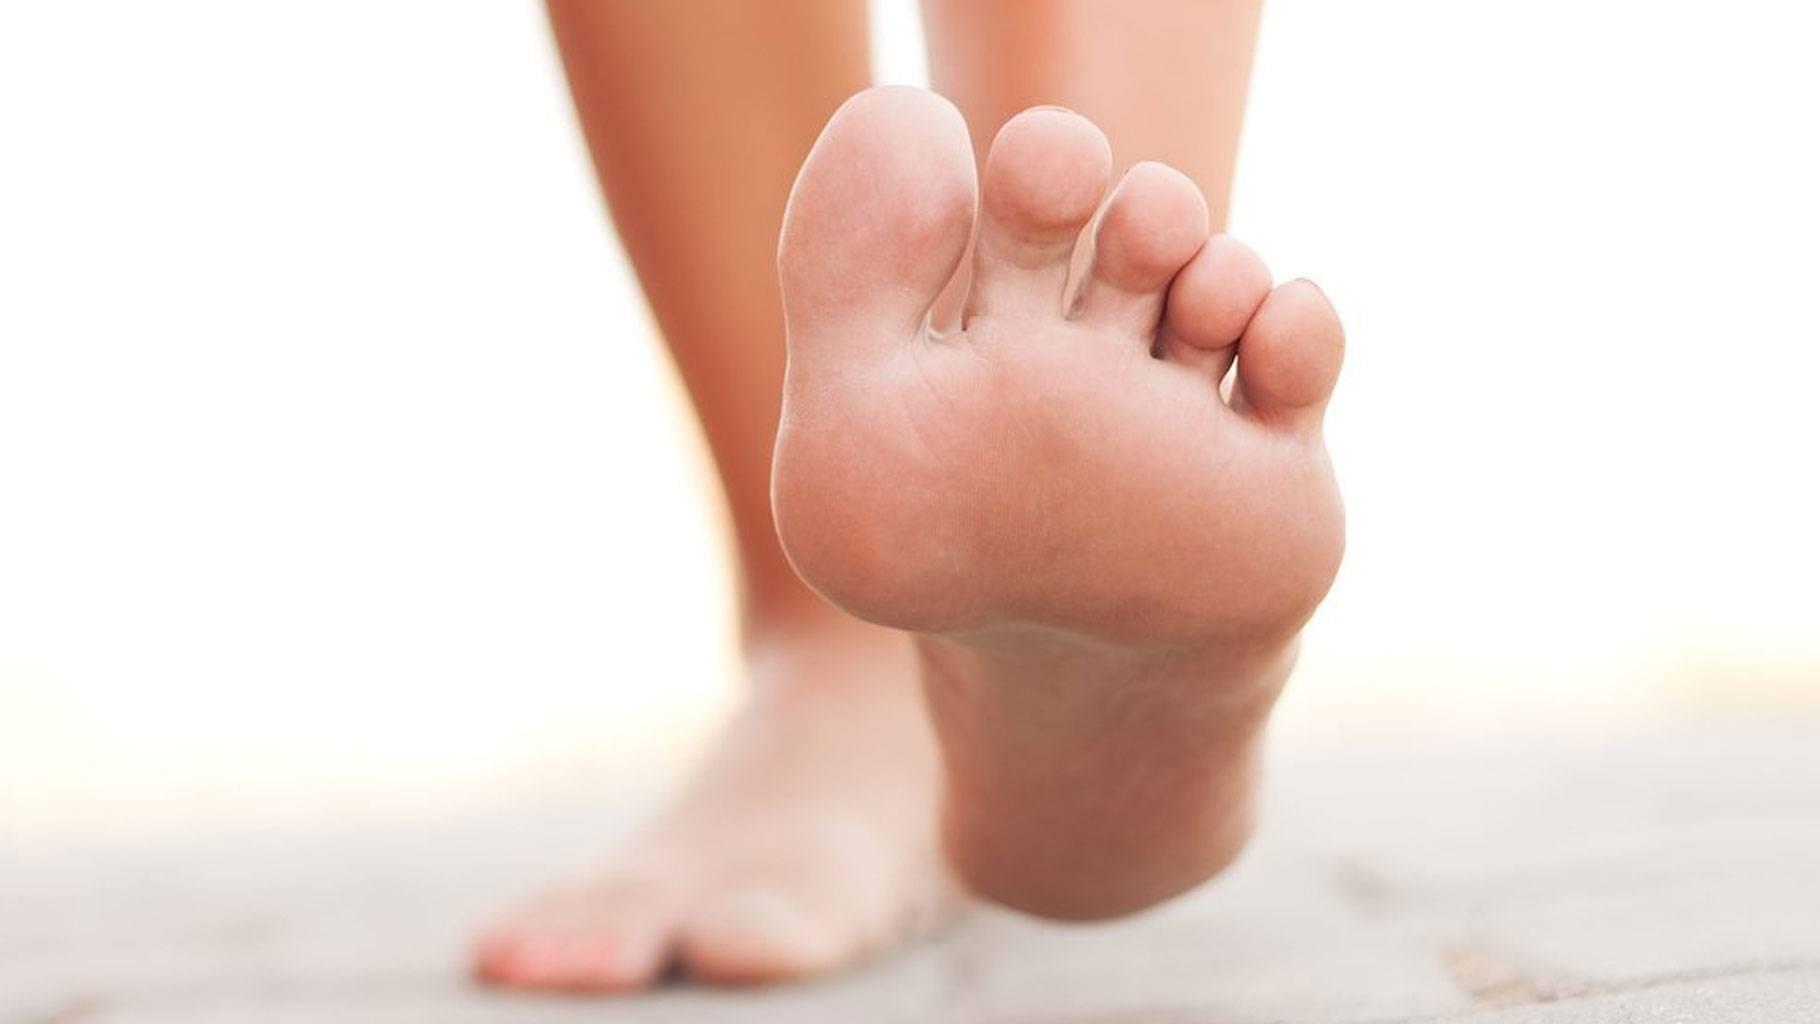 पैर देते हैं बीमारी का गंभीर इशारा, नजरअंदाज मत करना - How various diseases are reflected by changes in foot